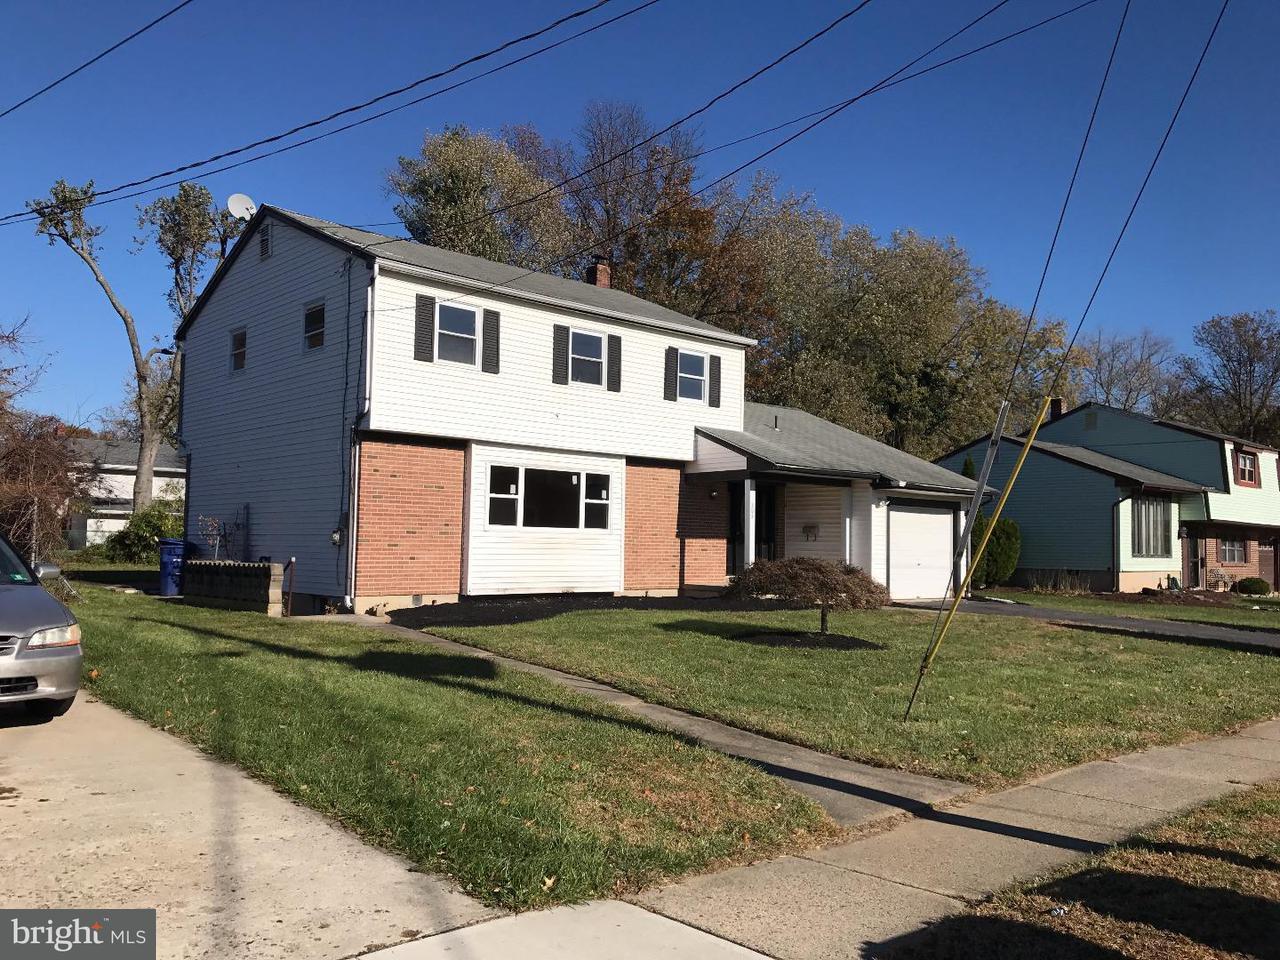 独户住宅 为 销售 在 203 CARDINAL Road Beverly, 新泽西州 08010 美国